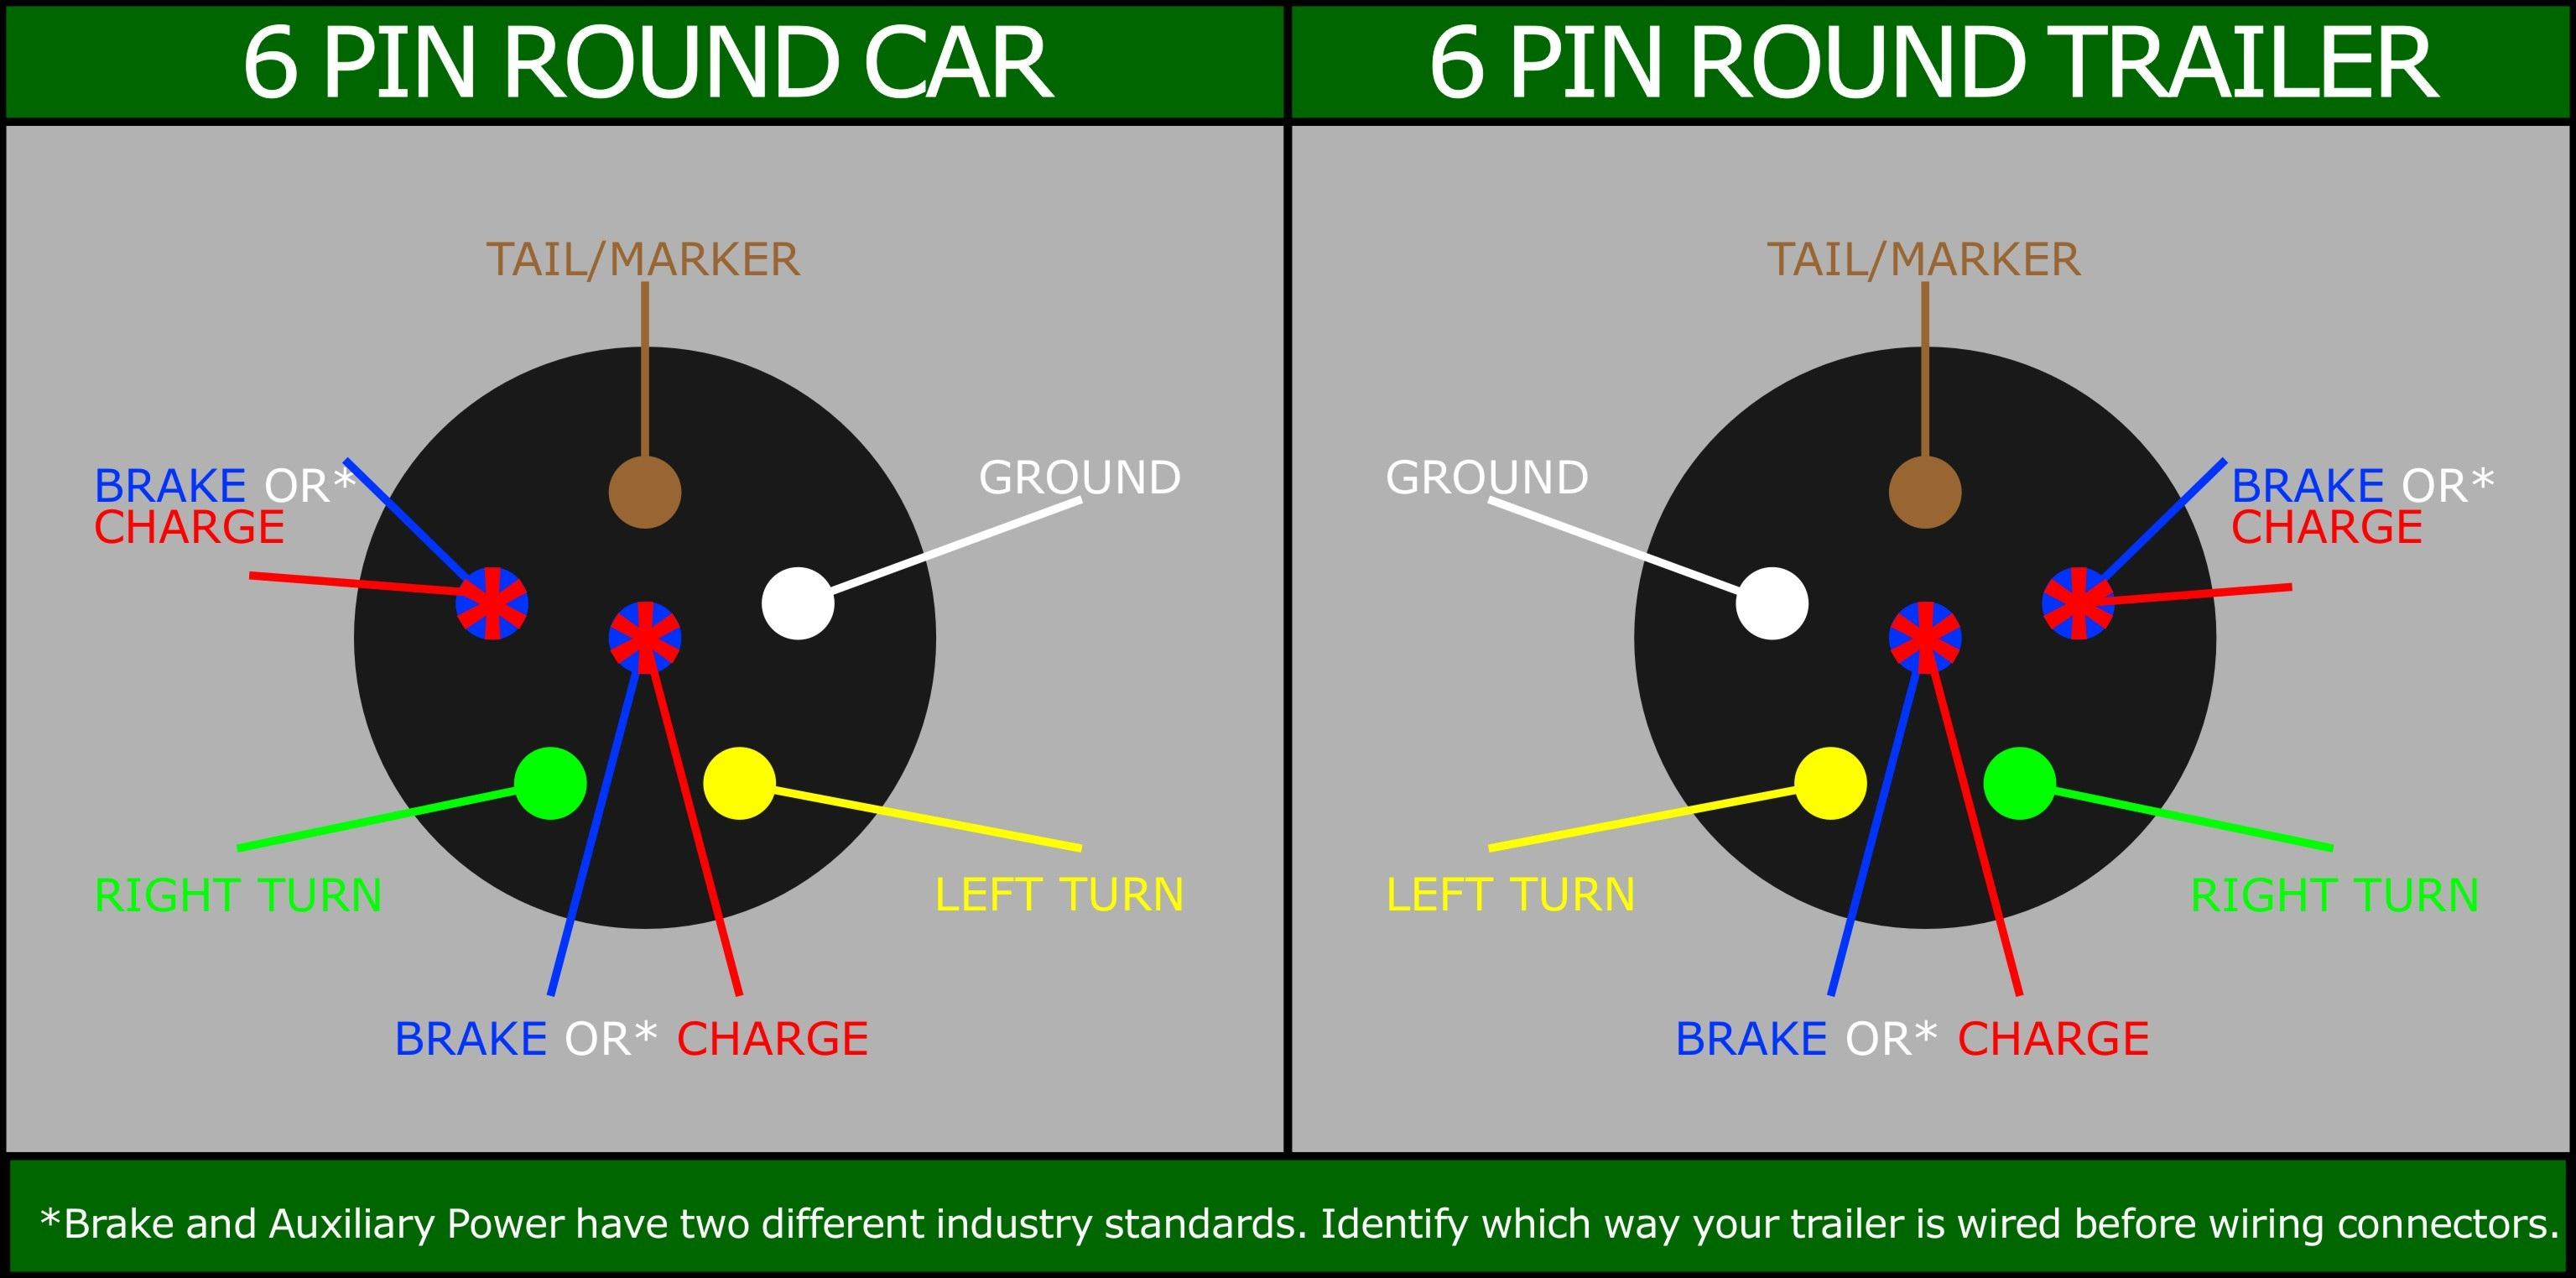 6 Round Trailer Wiring - Data Wiring Diagram Detailed - 6 Wire Trailer Wiring Diagram